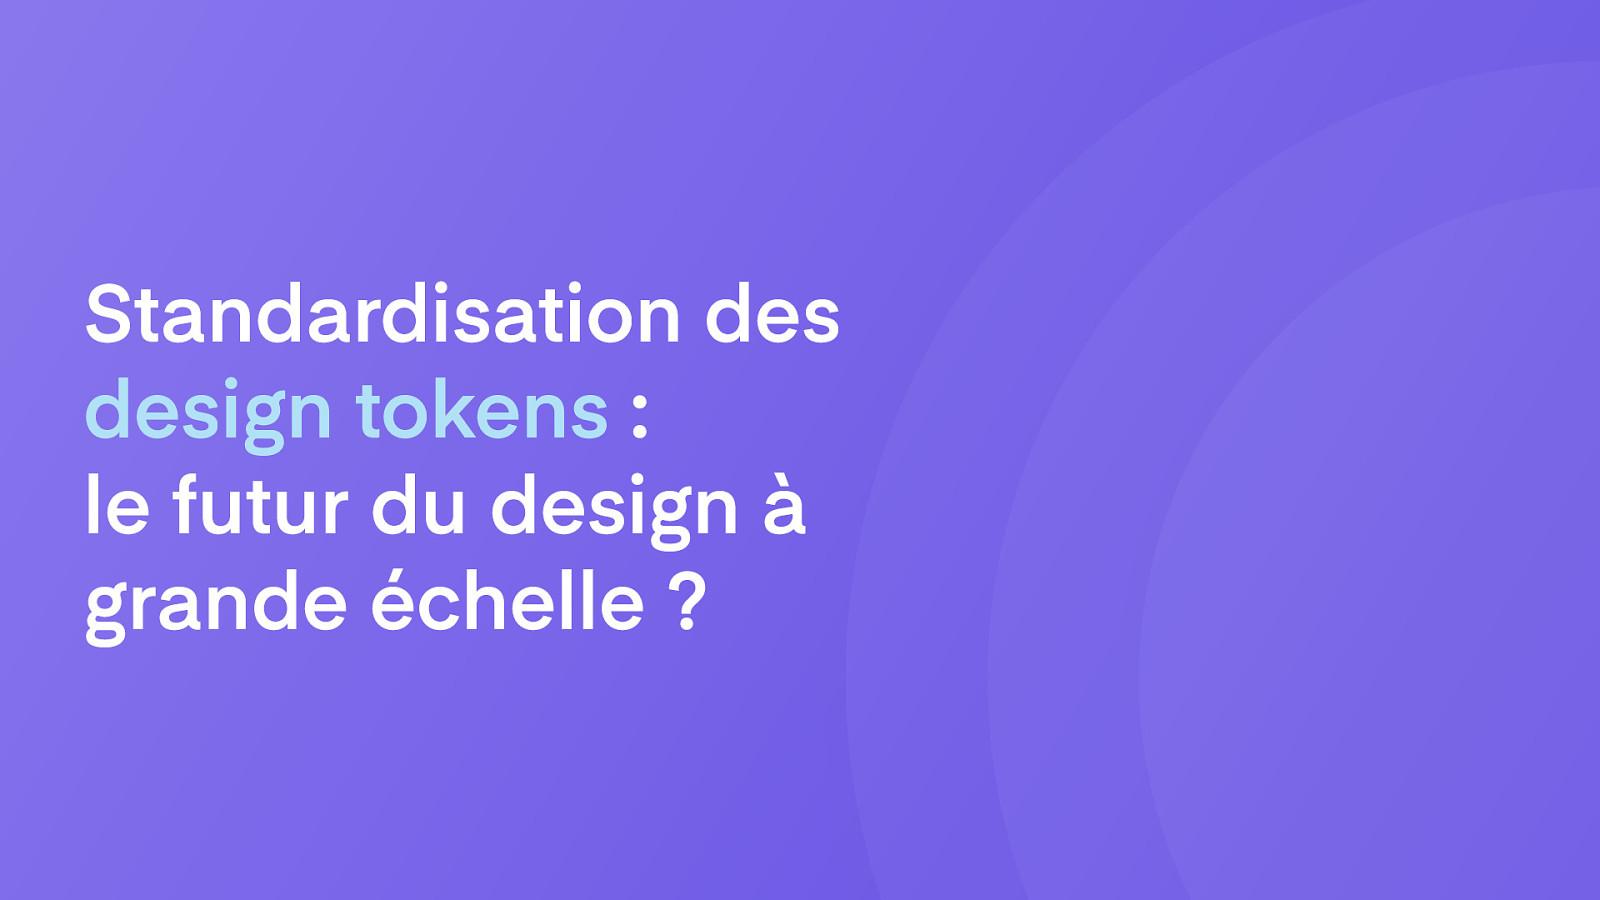 Standardisation des design tokens :le futur du design à grande échelle? by Louis Chenais